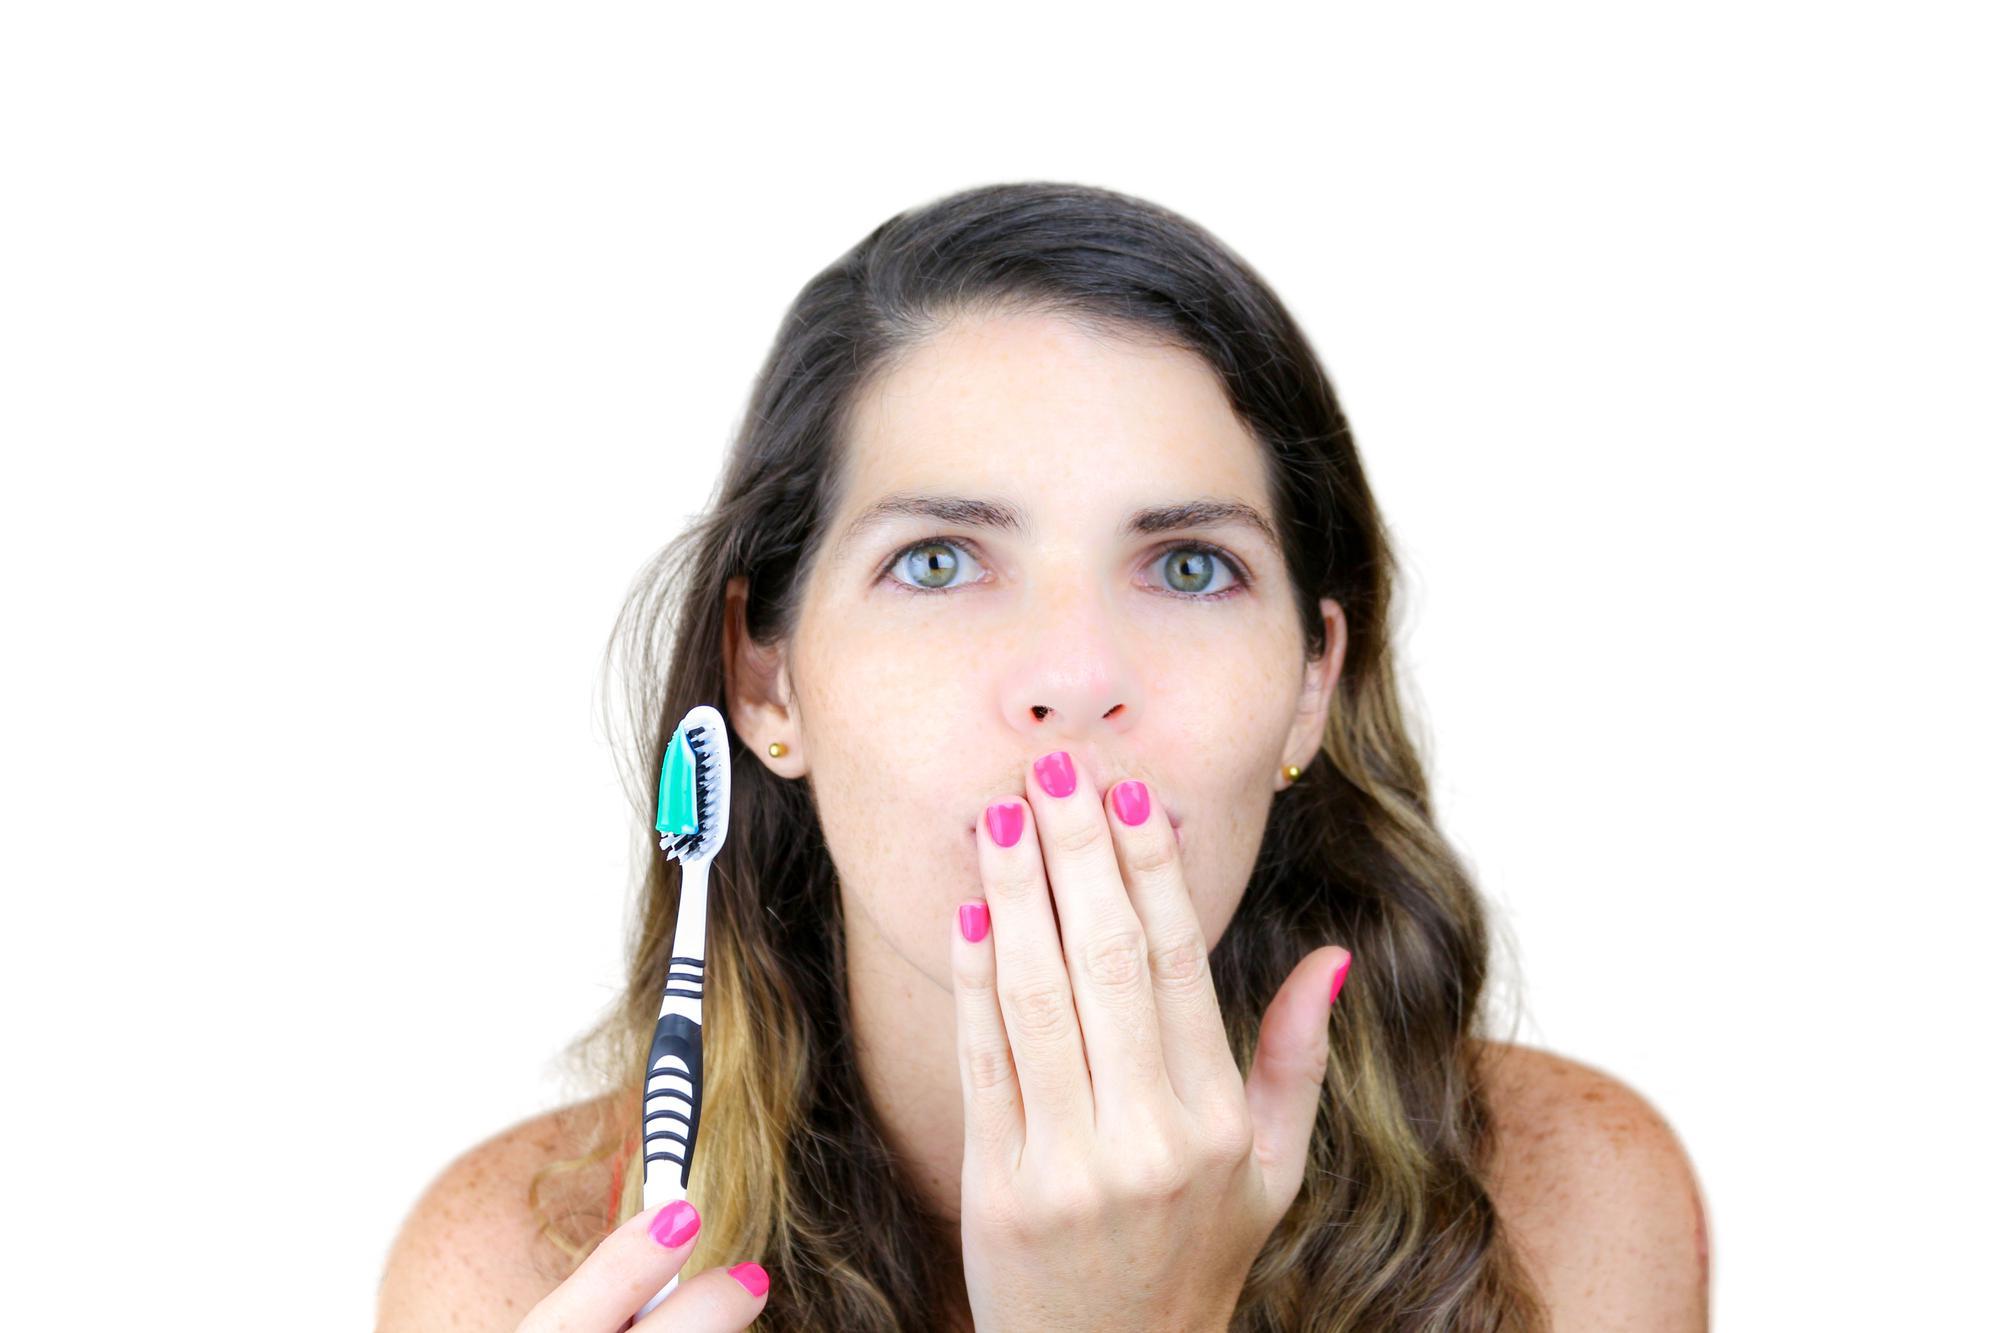 臭い 対策 奥歯 ストレス臭とはどんなニオイ?緊張すると出るネギ臭の原因と対策